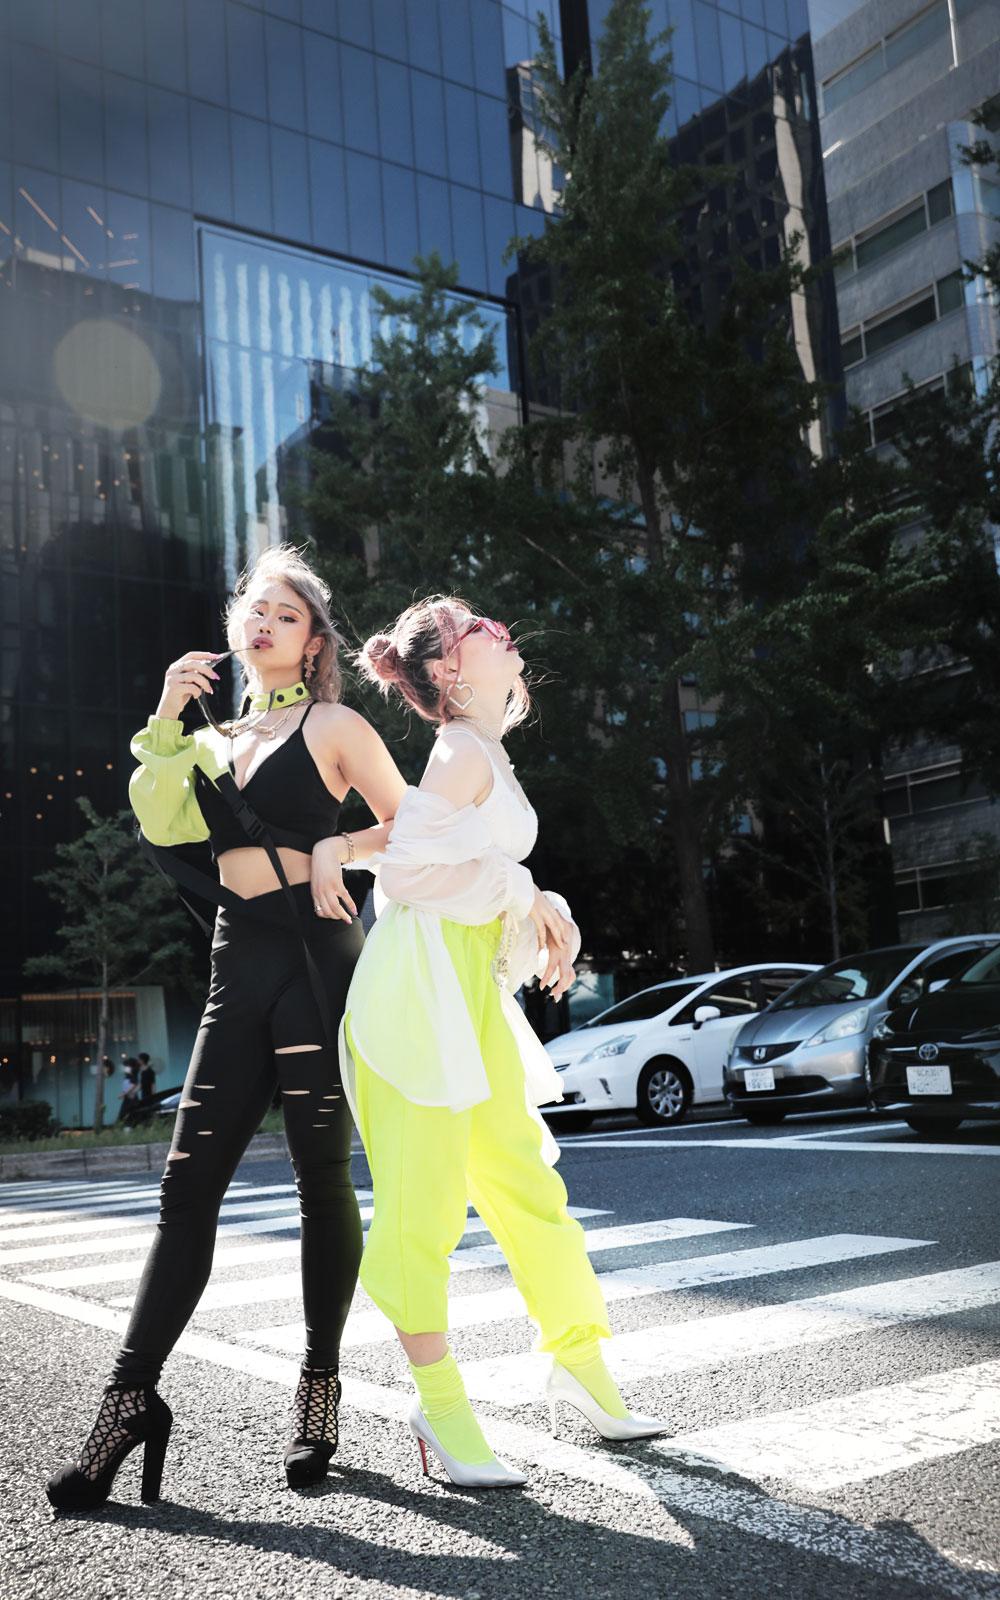 ダンス衣装通販のボムシェル[bombshell]・Lookbook vol.05-04-02